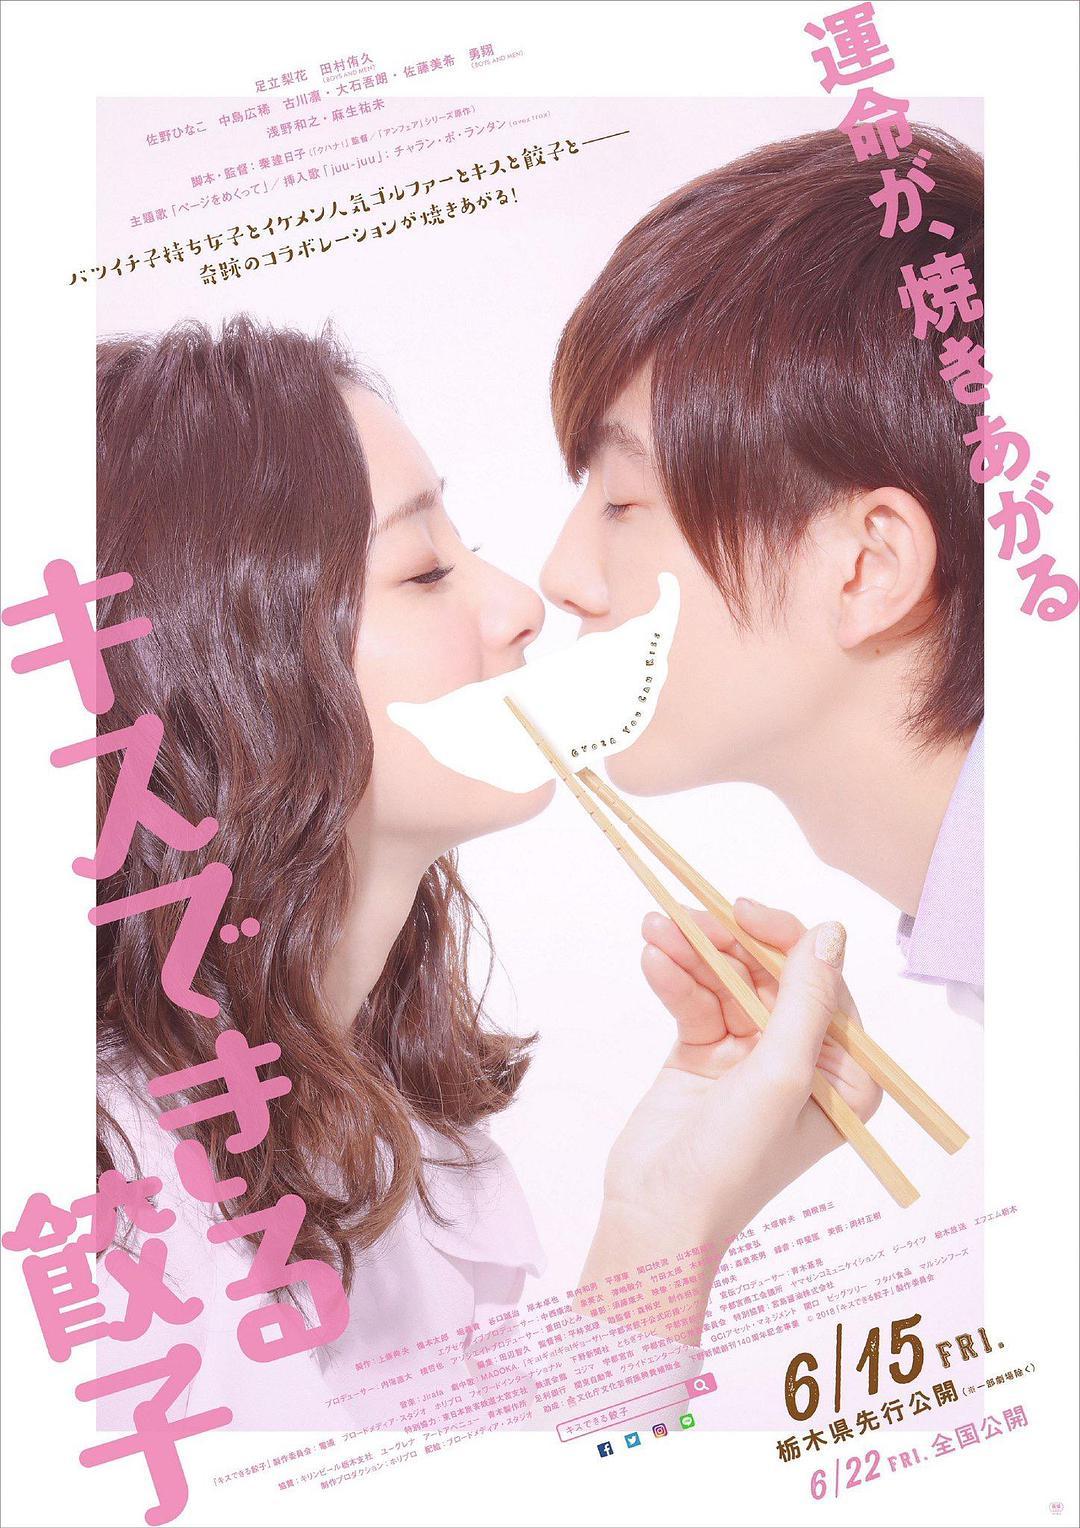 接吻的饺子 キスできる餃子 【蓝光720p日语中字】【2018】【剧情/爱情】【日本】